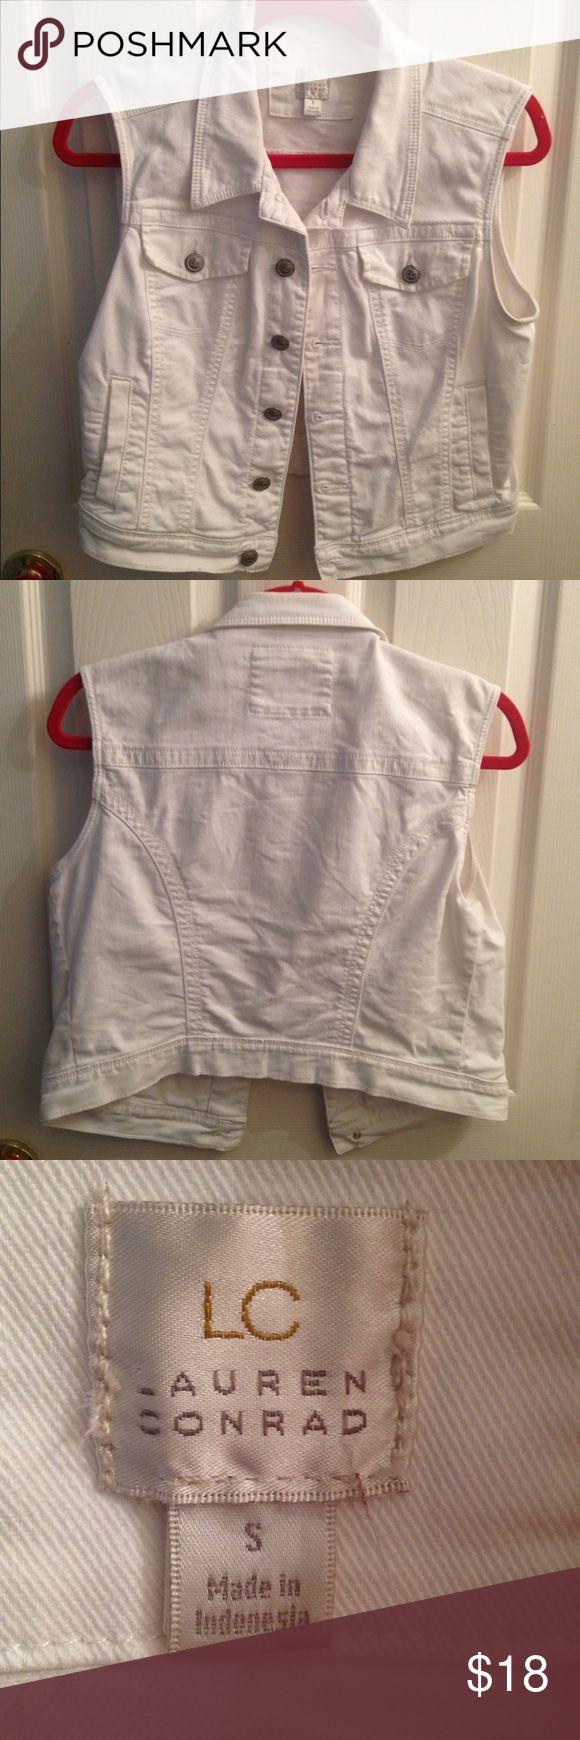 White Jean Vest A white jean jacket vest. LC Lauren Conrad Jackets & Coats Vests